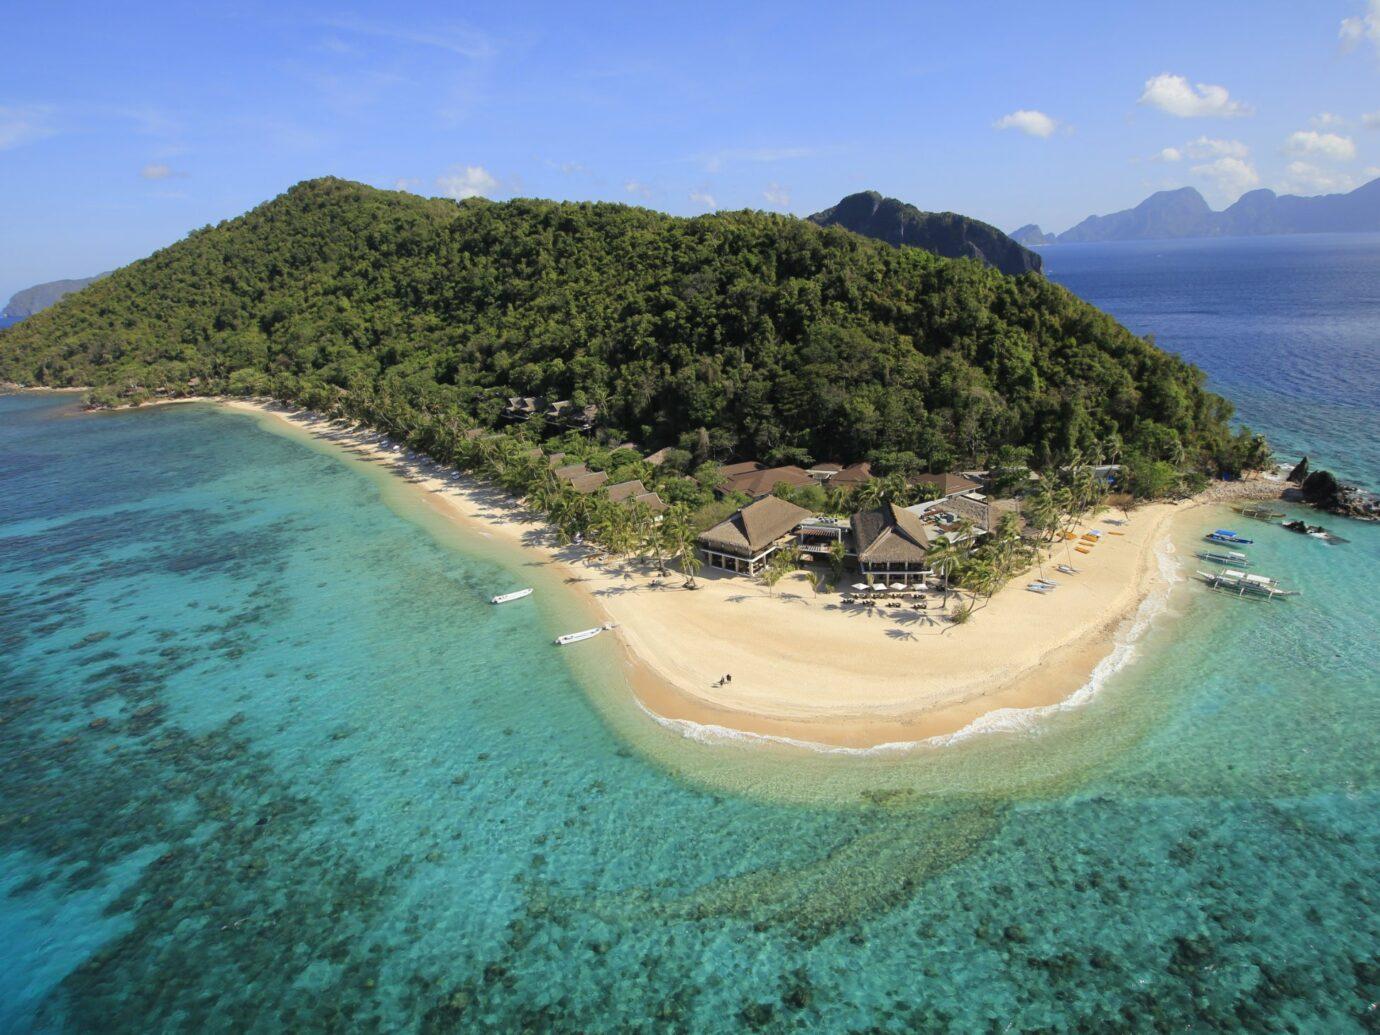 Aerial view of Pangulasian Island, Philippines